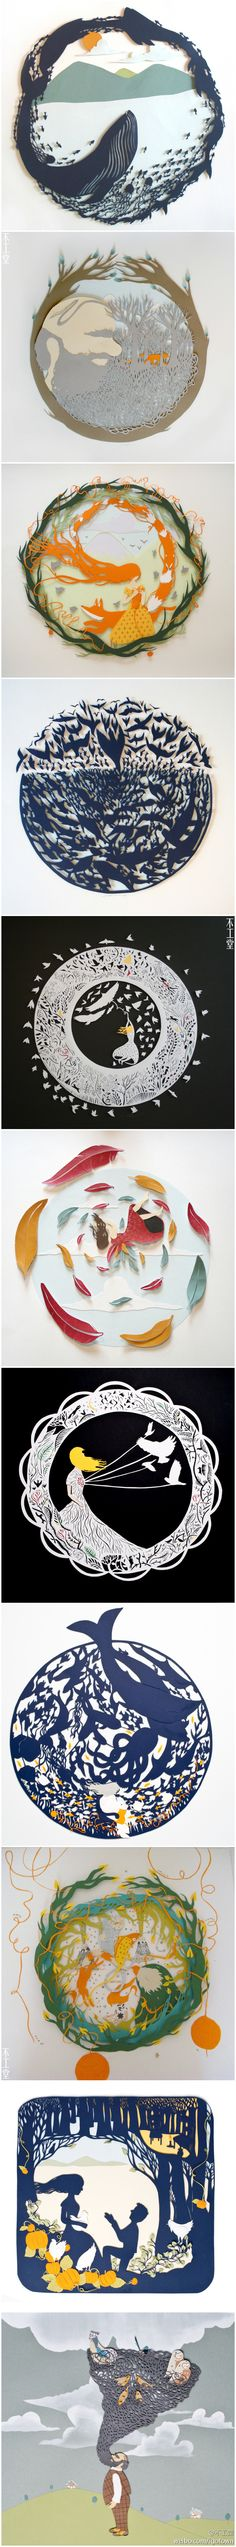 又是纸艺,又是有故事的作品,来自英国的Sarah Dennis的刻纸杰作。纸艺我们介绍过太多了,堆积的赞美也太多,这次就不唠叨了,看图吧!